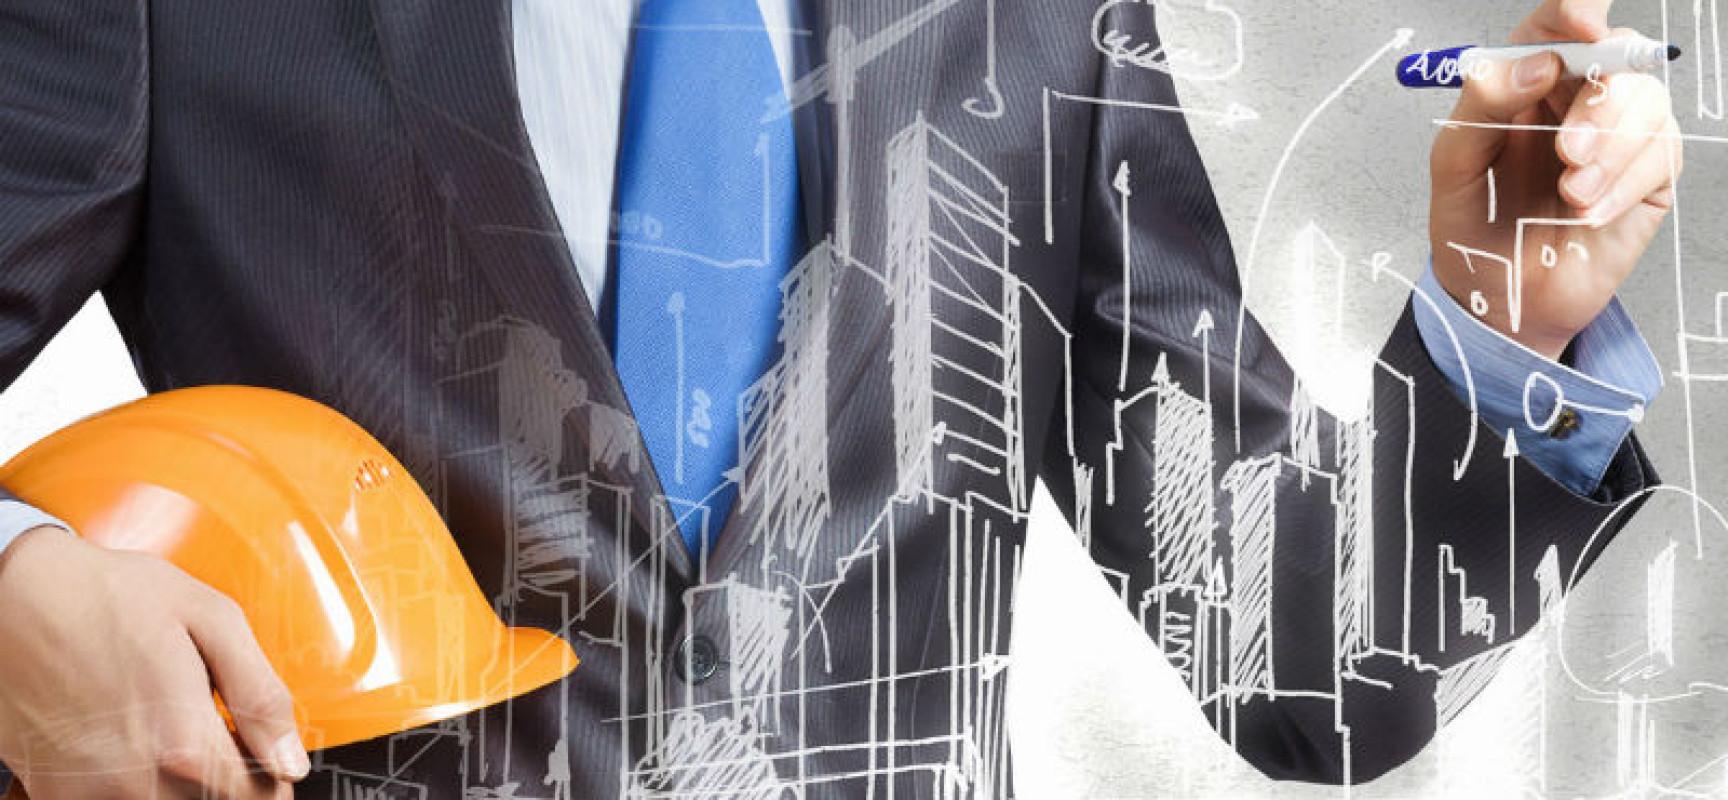 Механизм контроля для компаний, которые работают на строительном рынке